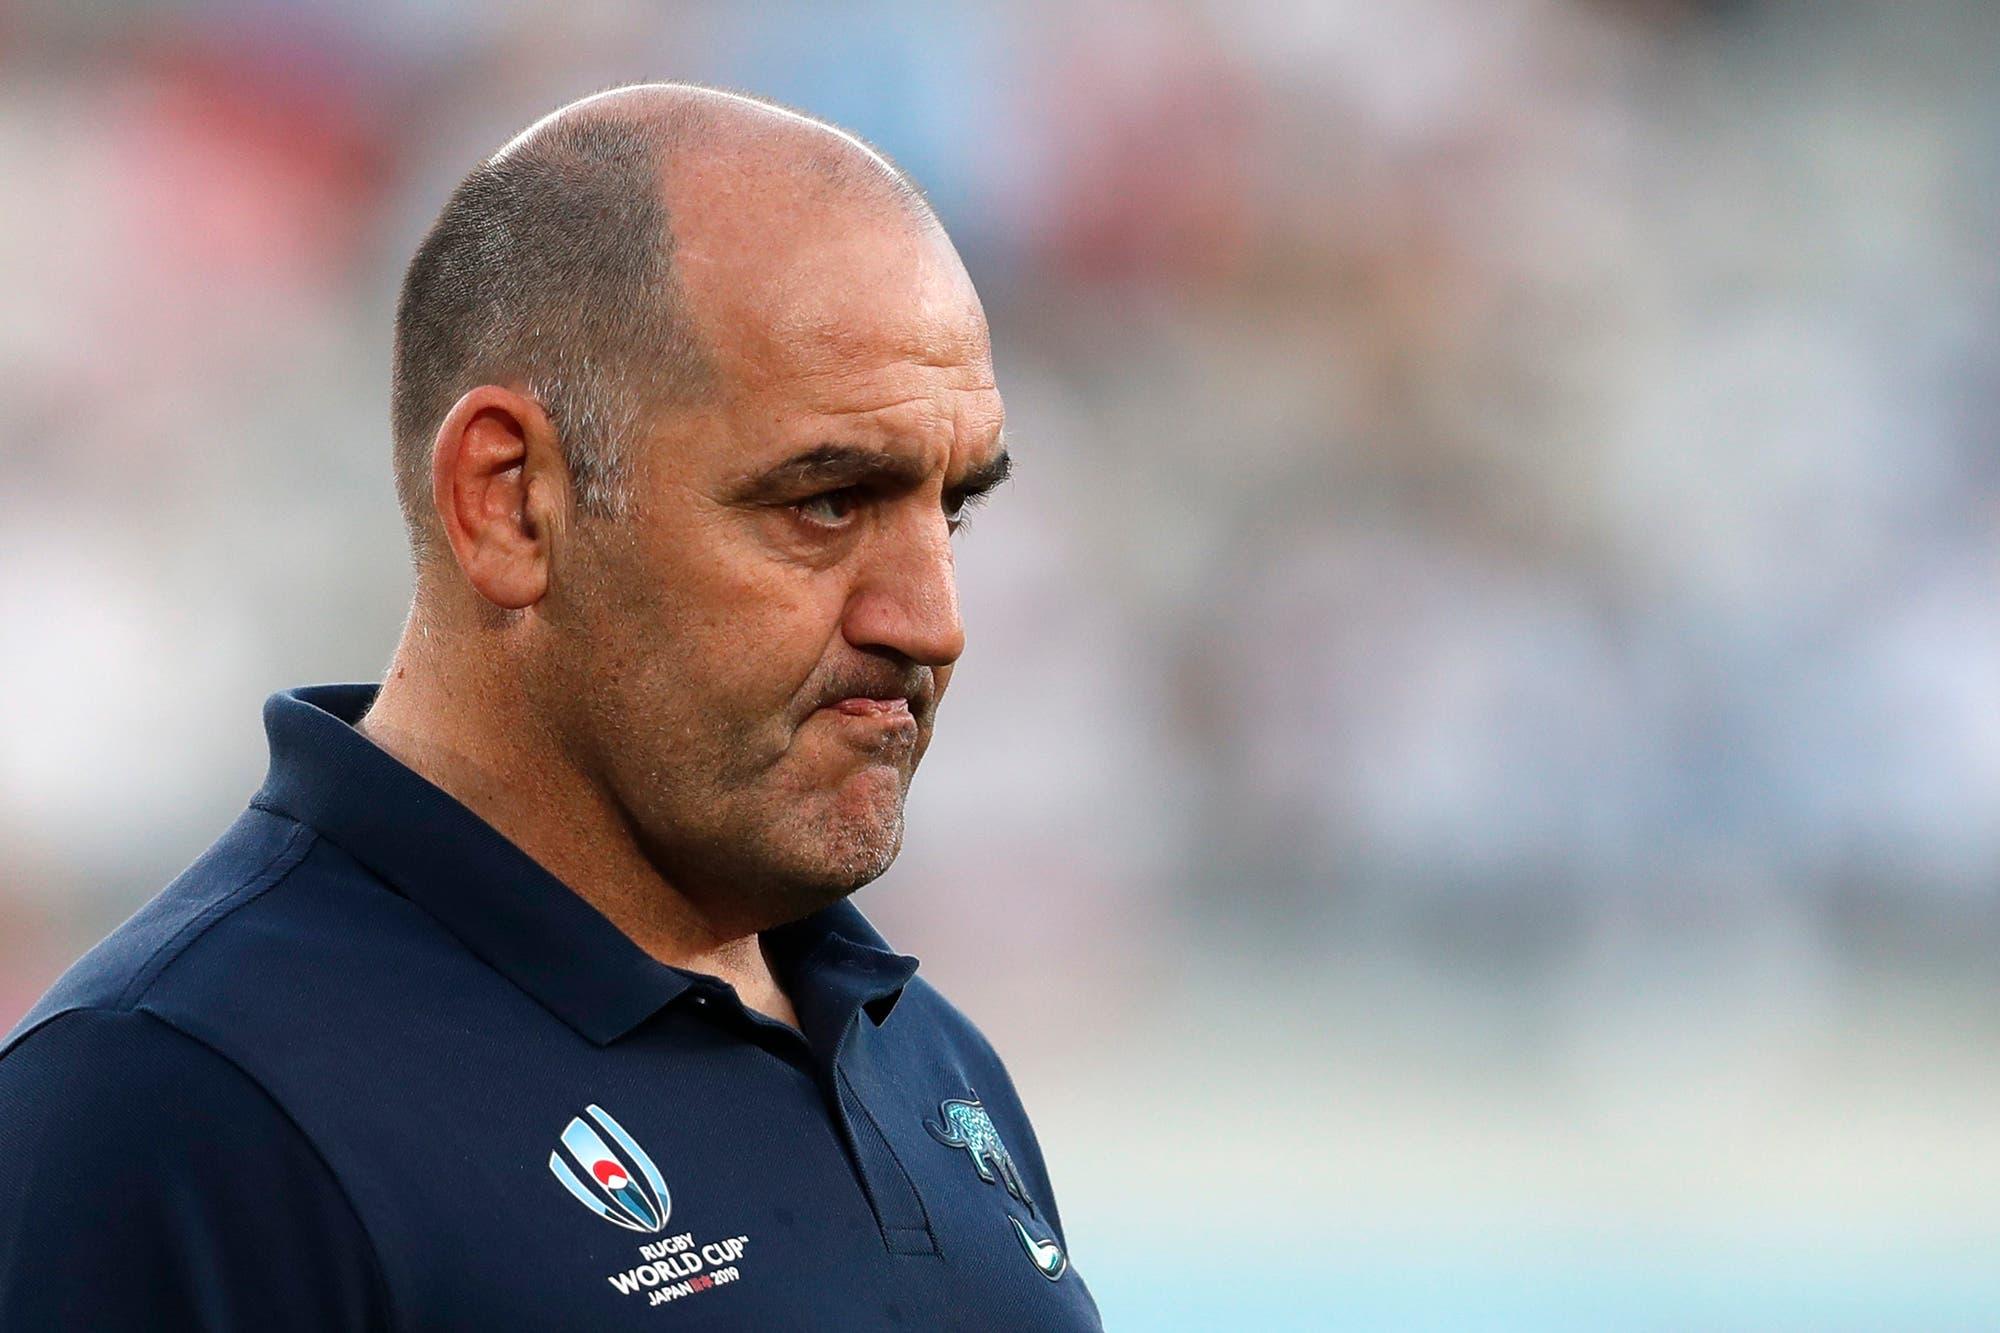 Los Pumas-Inglaterra, Mundial de rugby: lo que dijo Mario Ledesma tras la derrota en Tokio